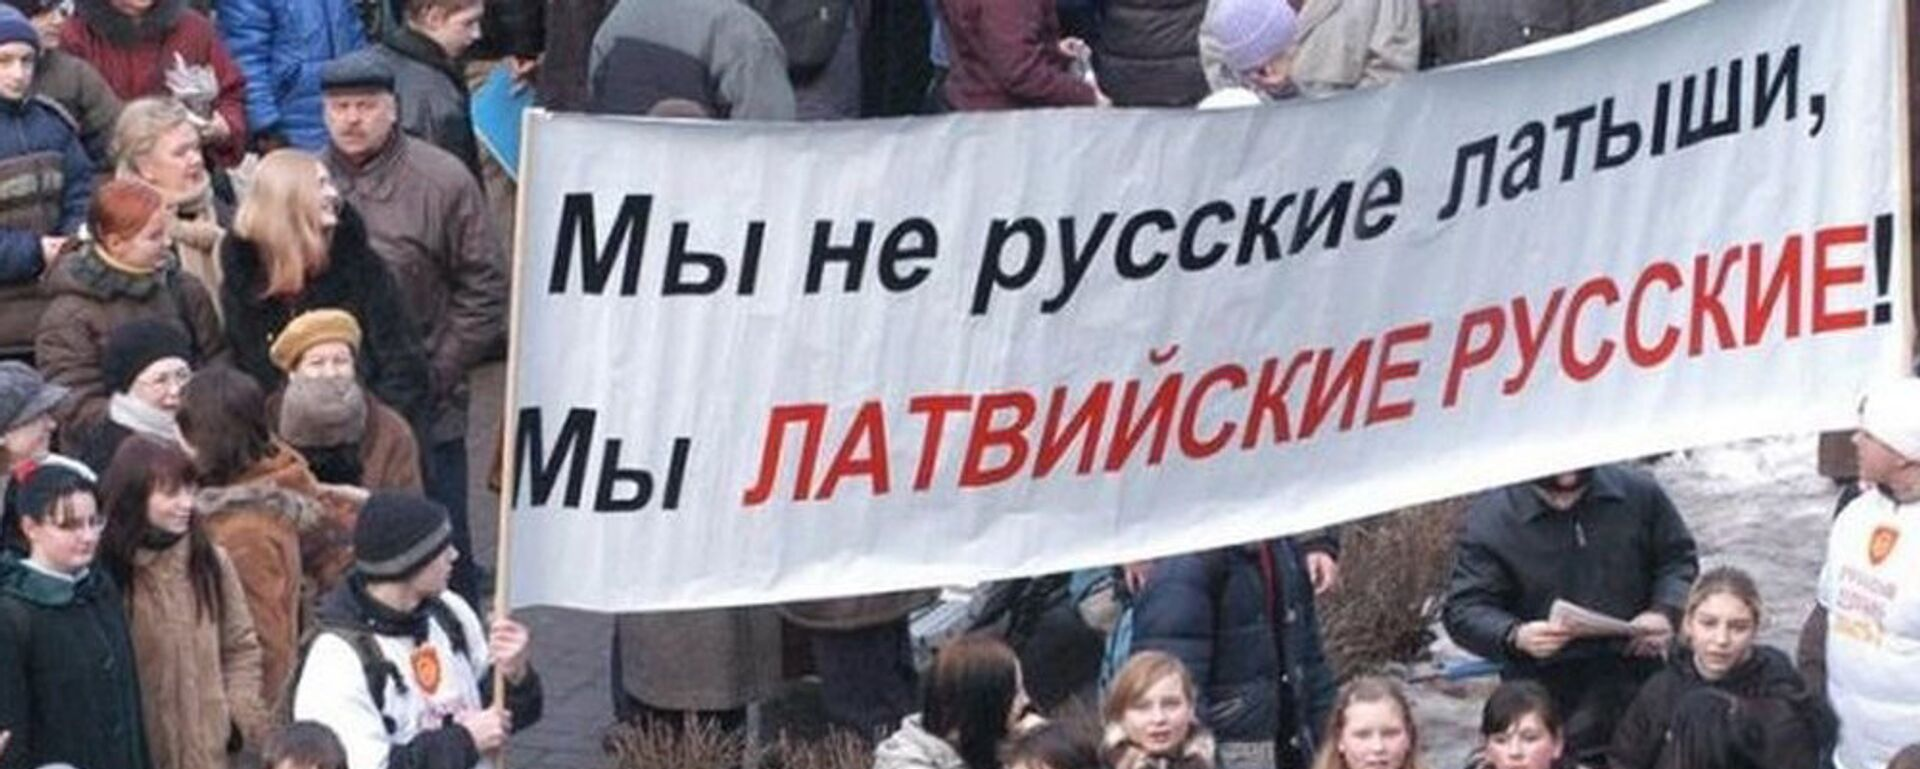 Русский язык в Латвии - Sputnik Латвия, 1920, 19.03.2021